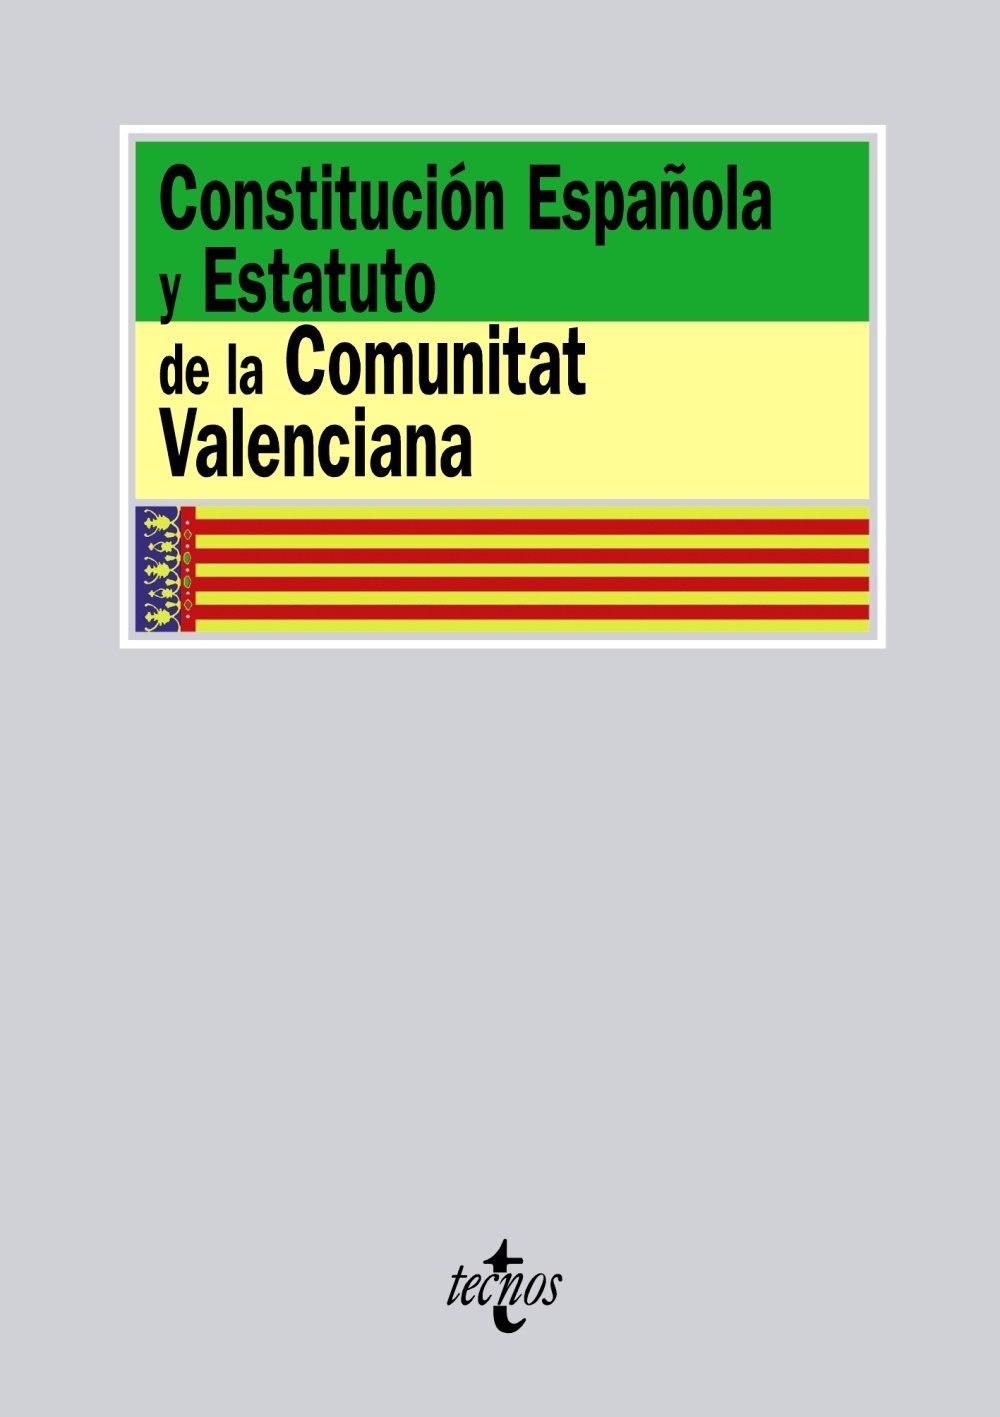 Constitución Española y Estatuto de la Comunitat Valenciana Derecho - Biblioteca de Textos Legales: Amazon.es: Aa.Vv.: Libros